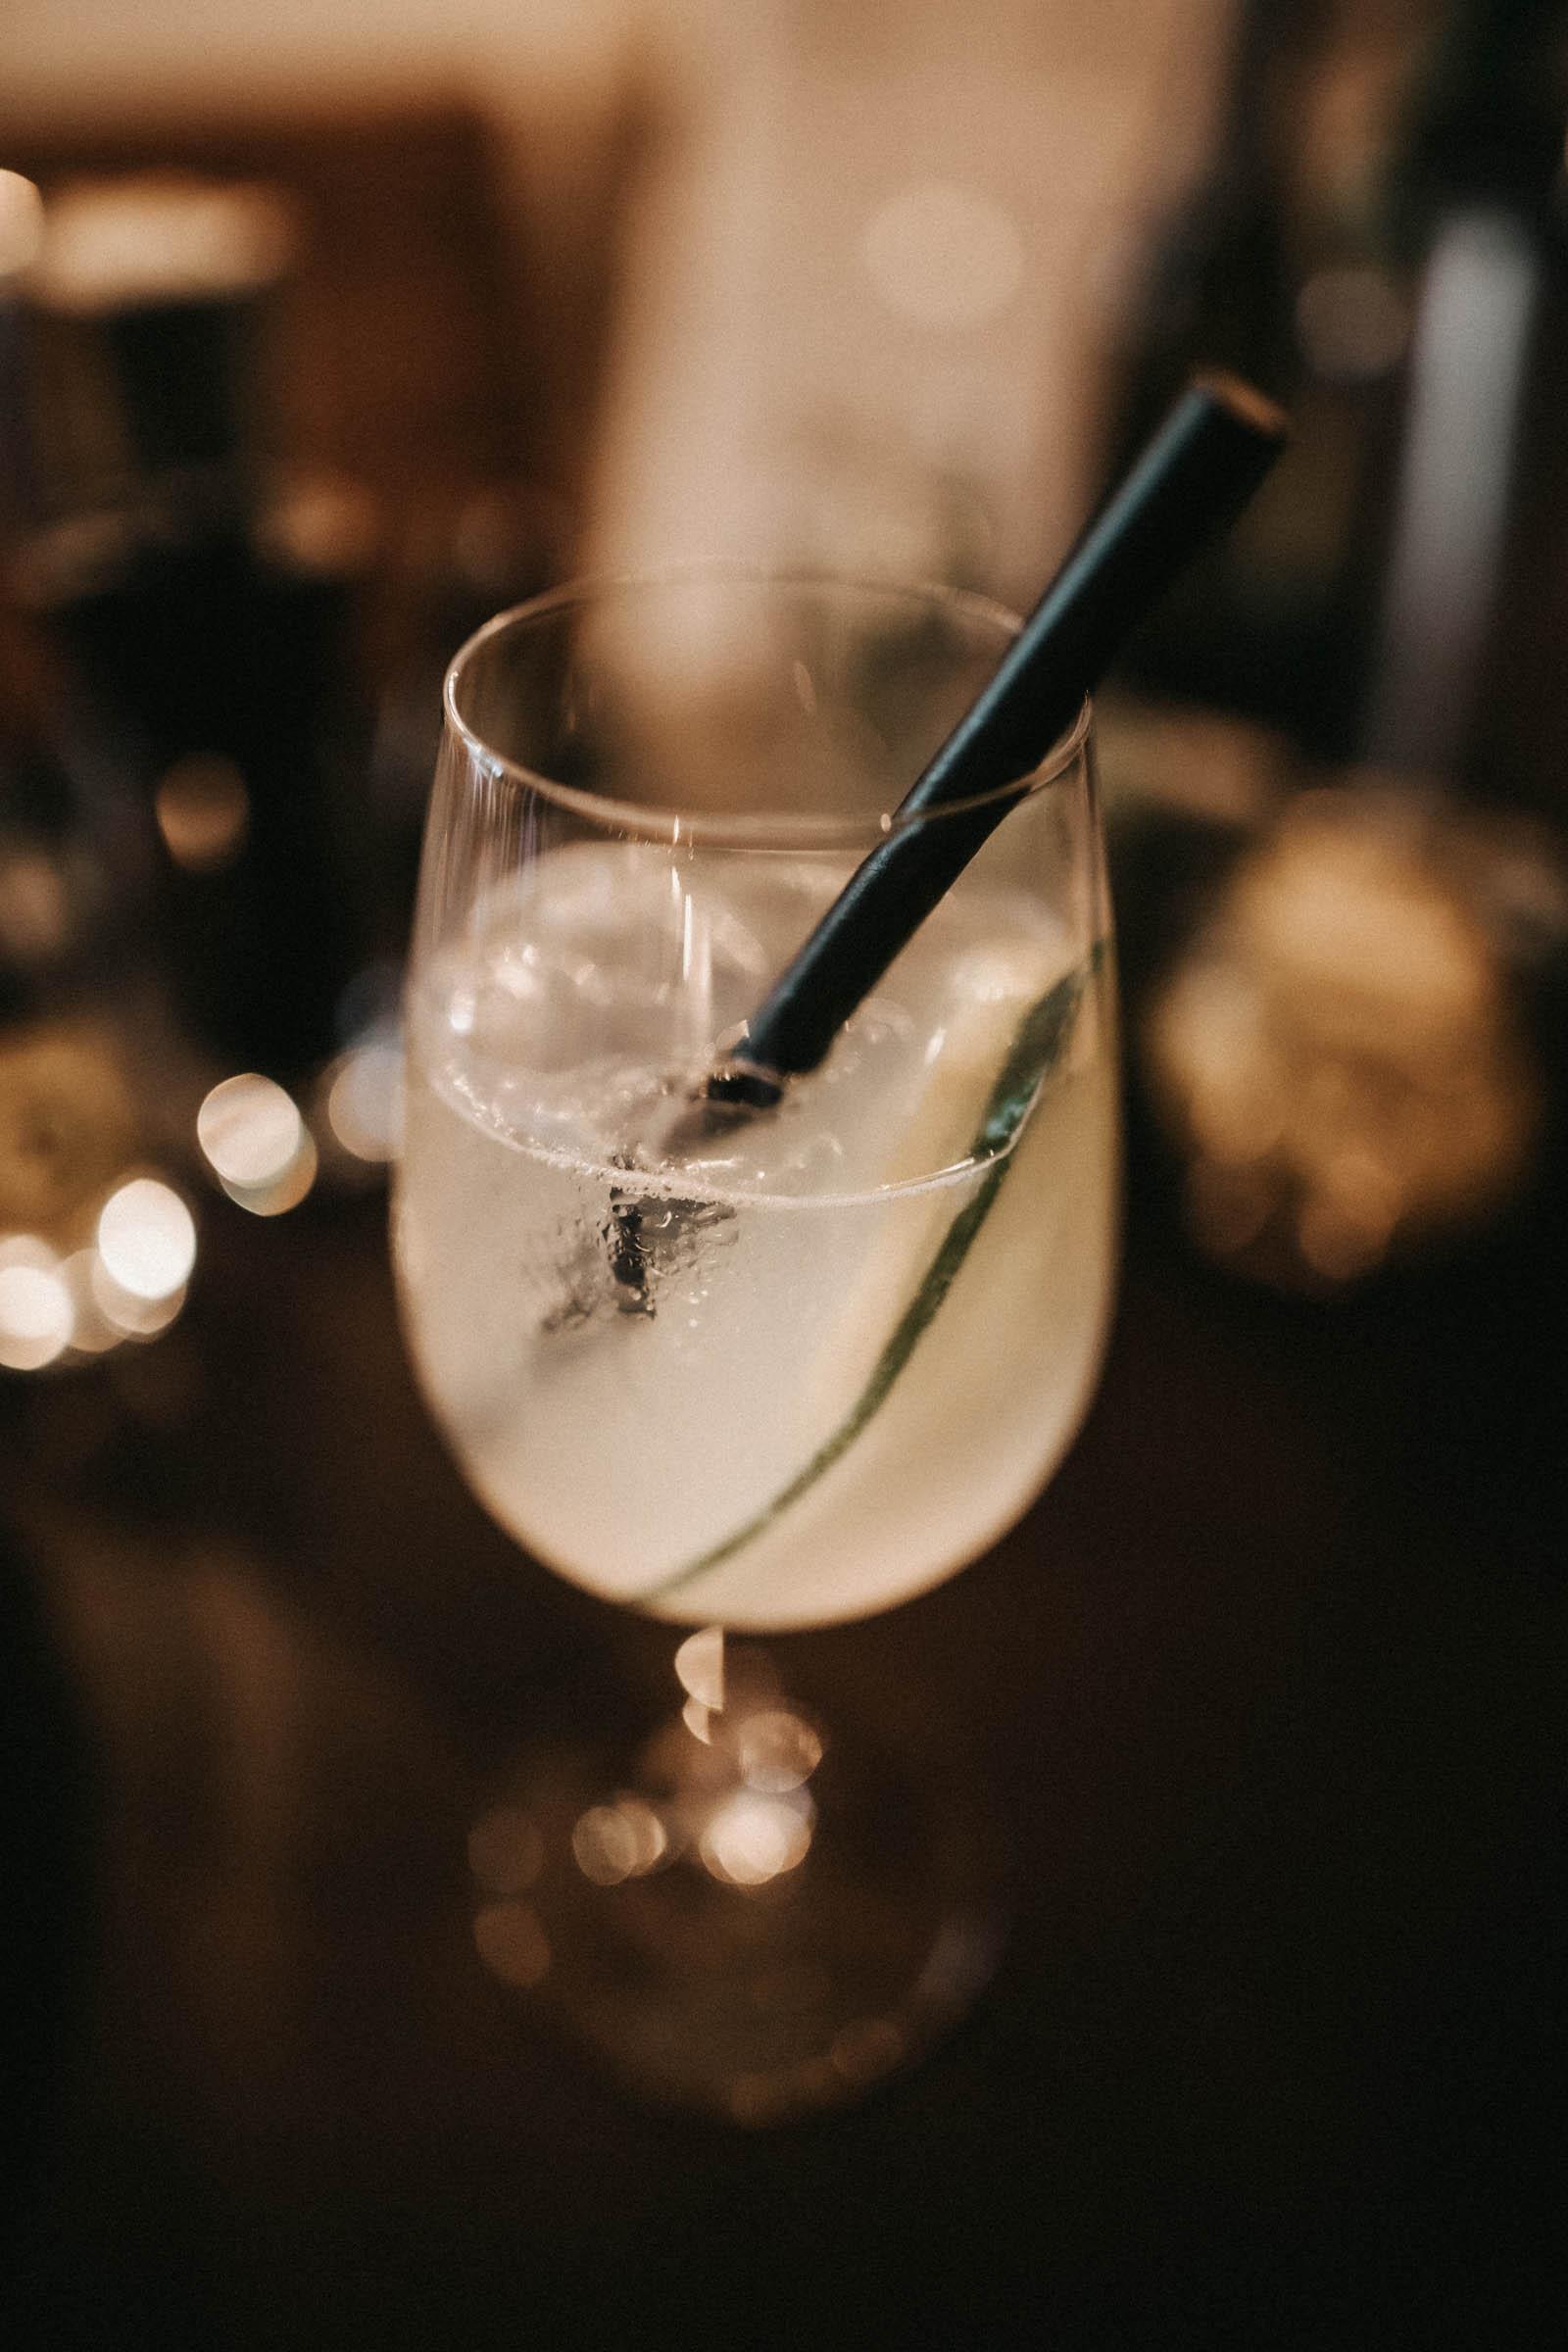 Barformat | Mobile | Bar | Hannover | Hamburg | Bremen | Braunschweig | Cocktailbar | Sektempfang | Bulli | Bar | Hochzeit | Cocktailservice | Aperitif | Messen | Firmenfeiern | Catering | Food | Truck | Getränke | Ape | VW